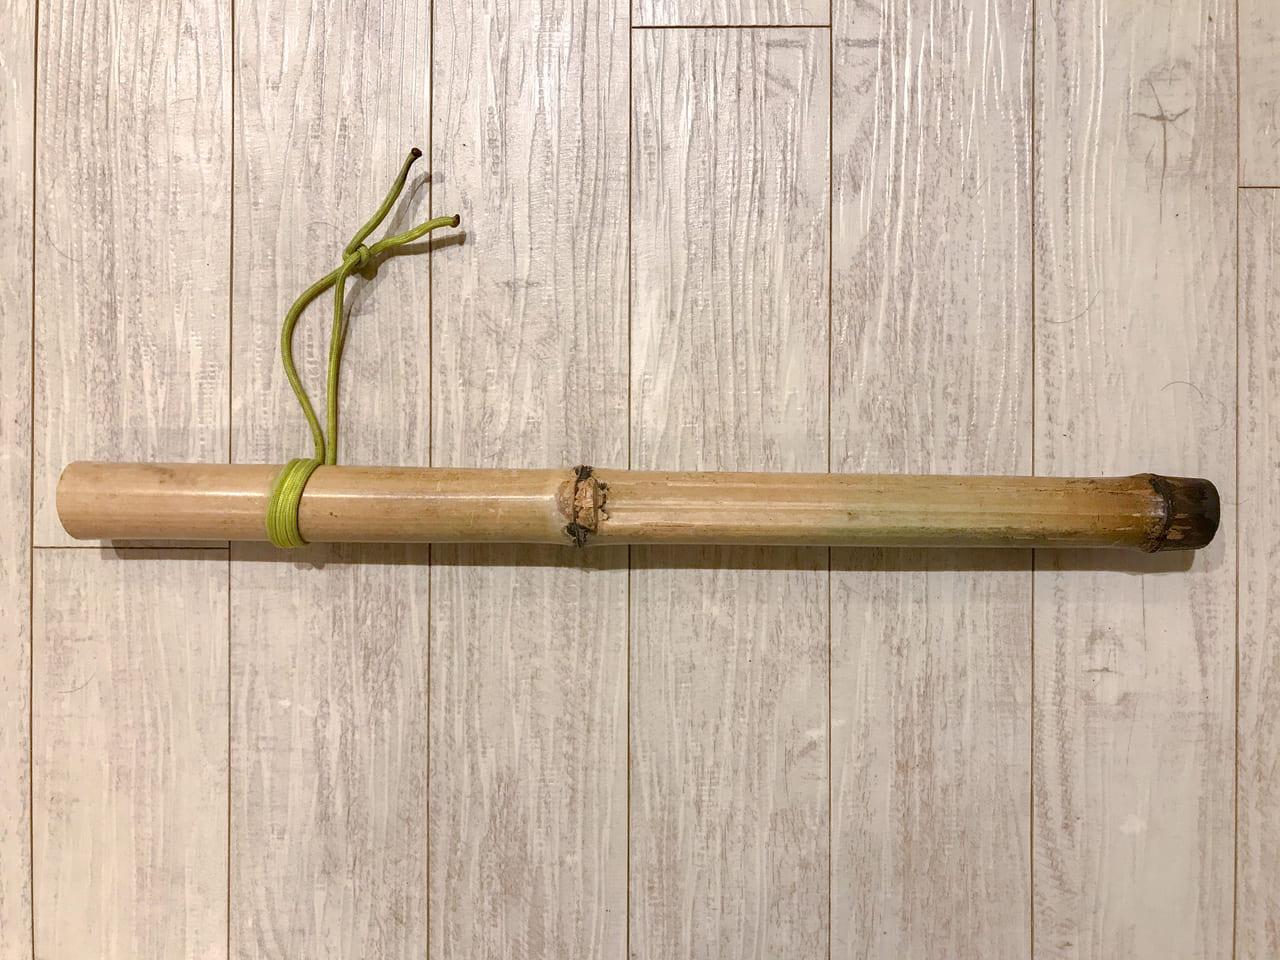 /手作りの火吹き竹